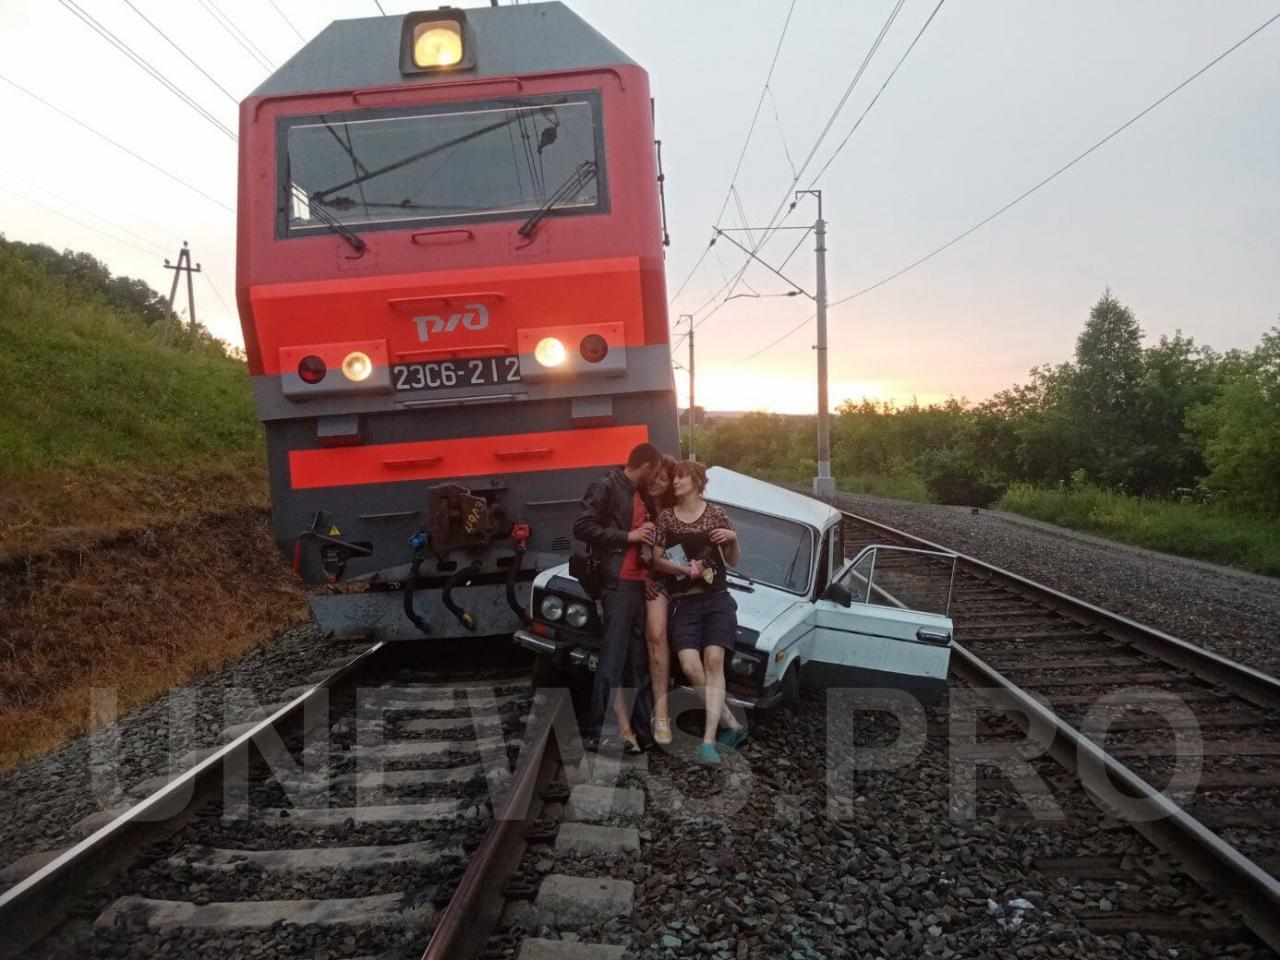 Поезд сбил пьяную парочку в салоне ВАЗ, которая загнала машину на пути для красивой фотографии